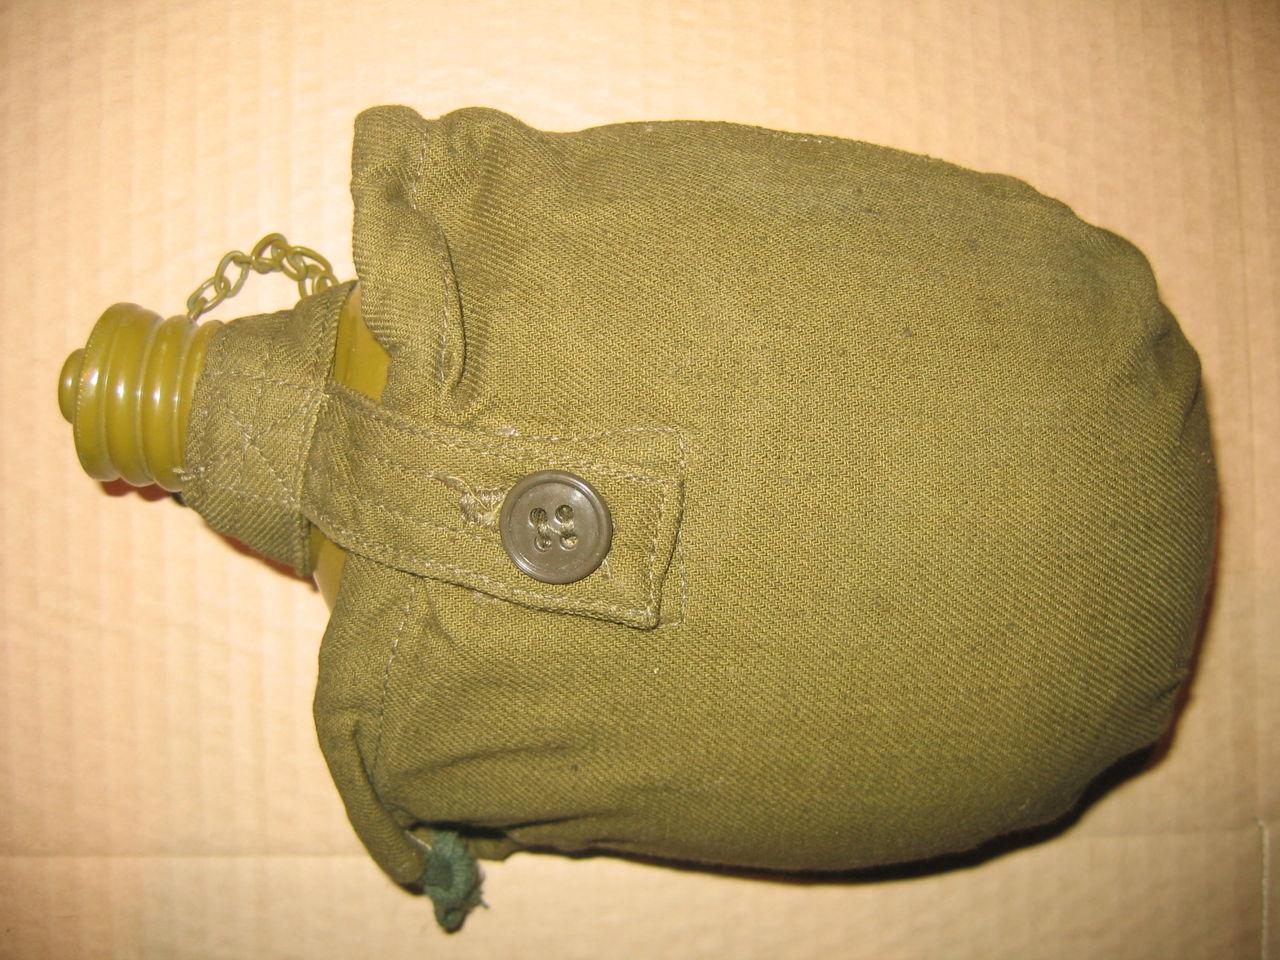 Чехол для фляги армейской (Цифра РФ) Подсумки для доп 58